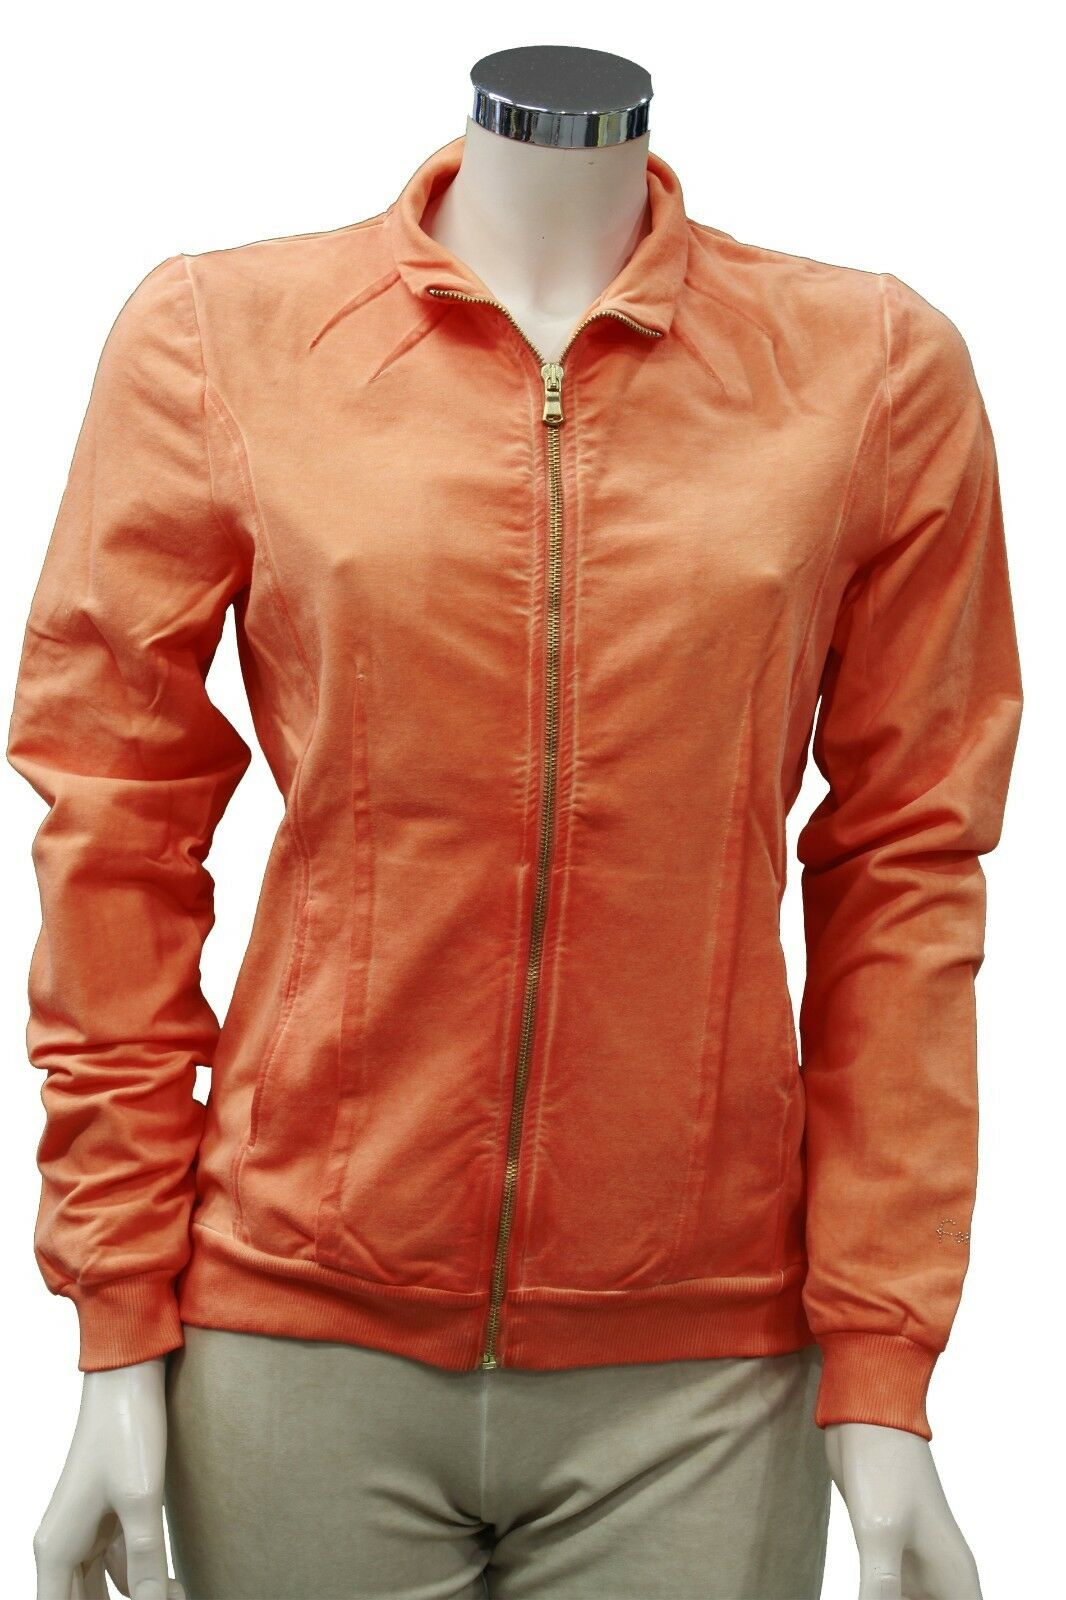 Completo tuta da ginnastica ginnastica ginnastica donna arancione beige Forza9 sport palestra con zip 96d2fa